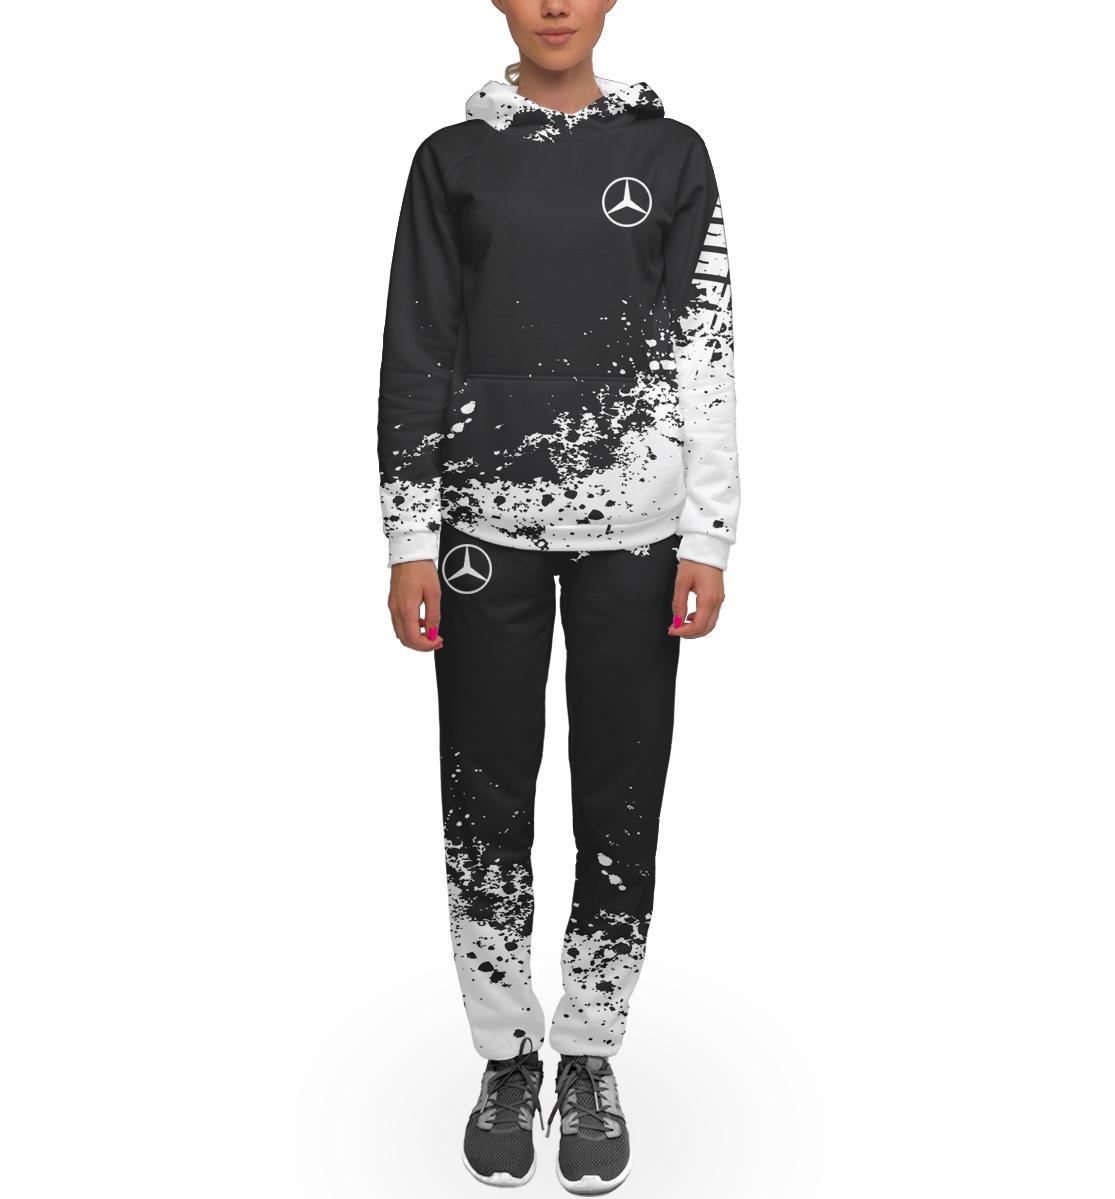 Купить Mercedes-Benz abstract sport uniform, Printbar, Спортивные костюмы, MER-443856-kmp-1